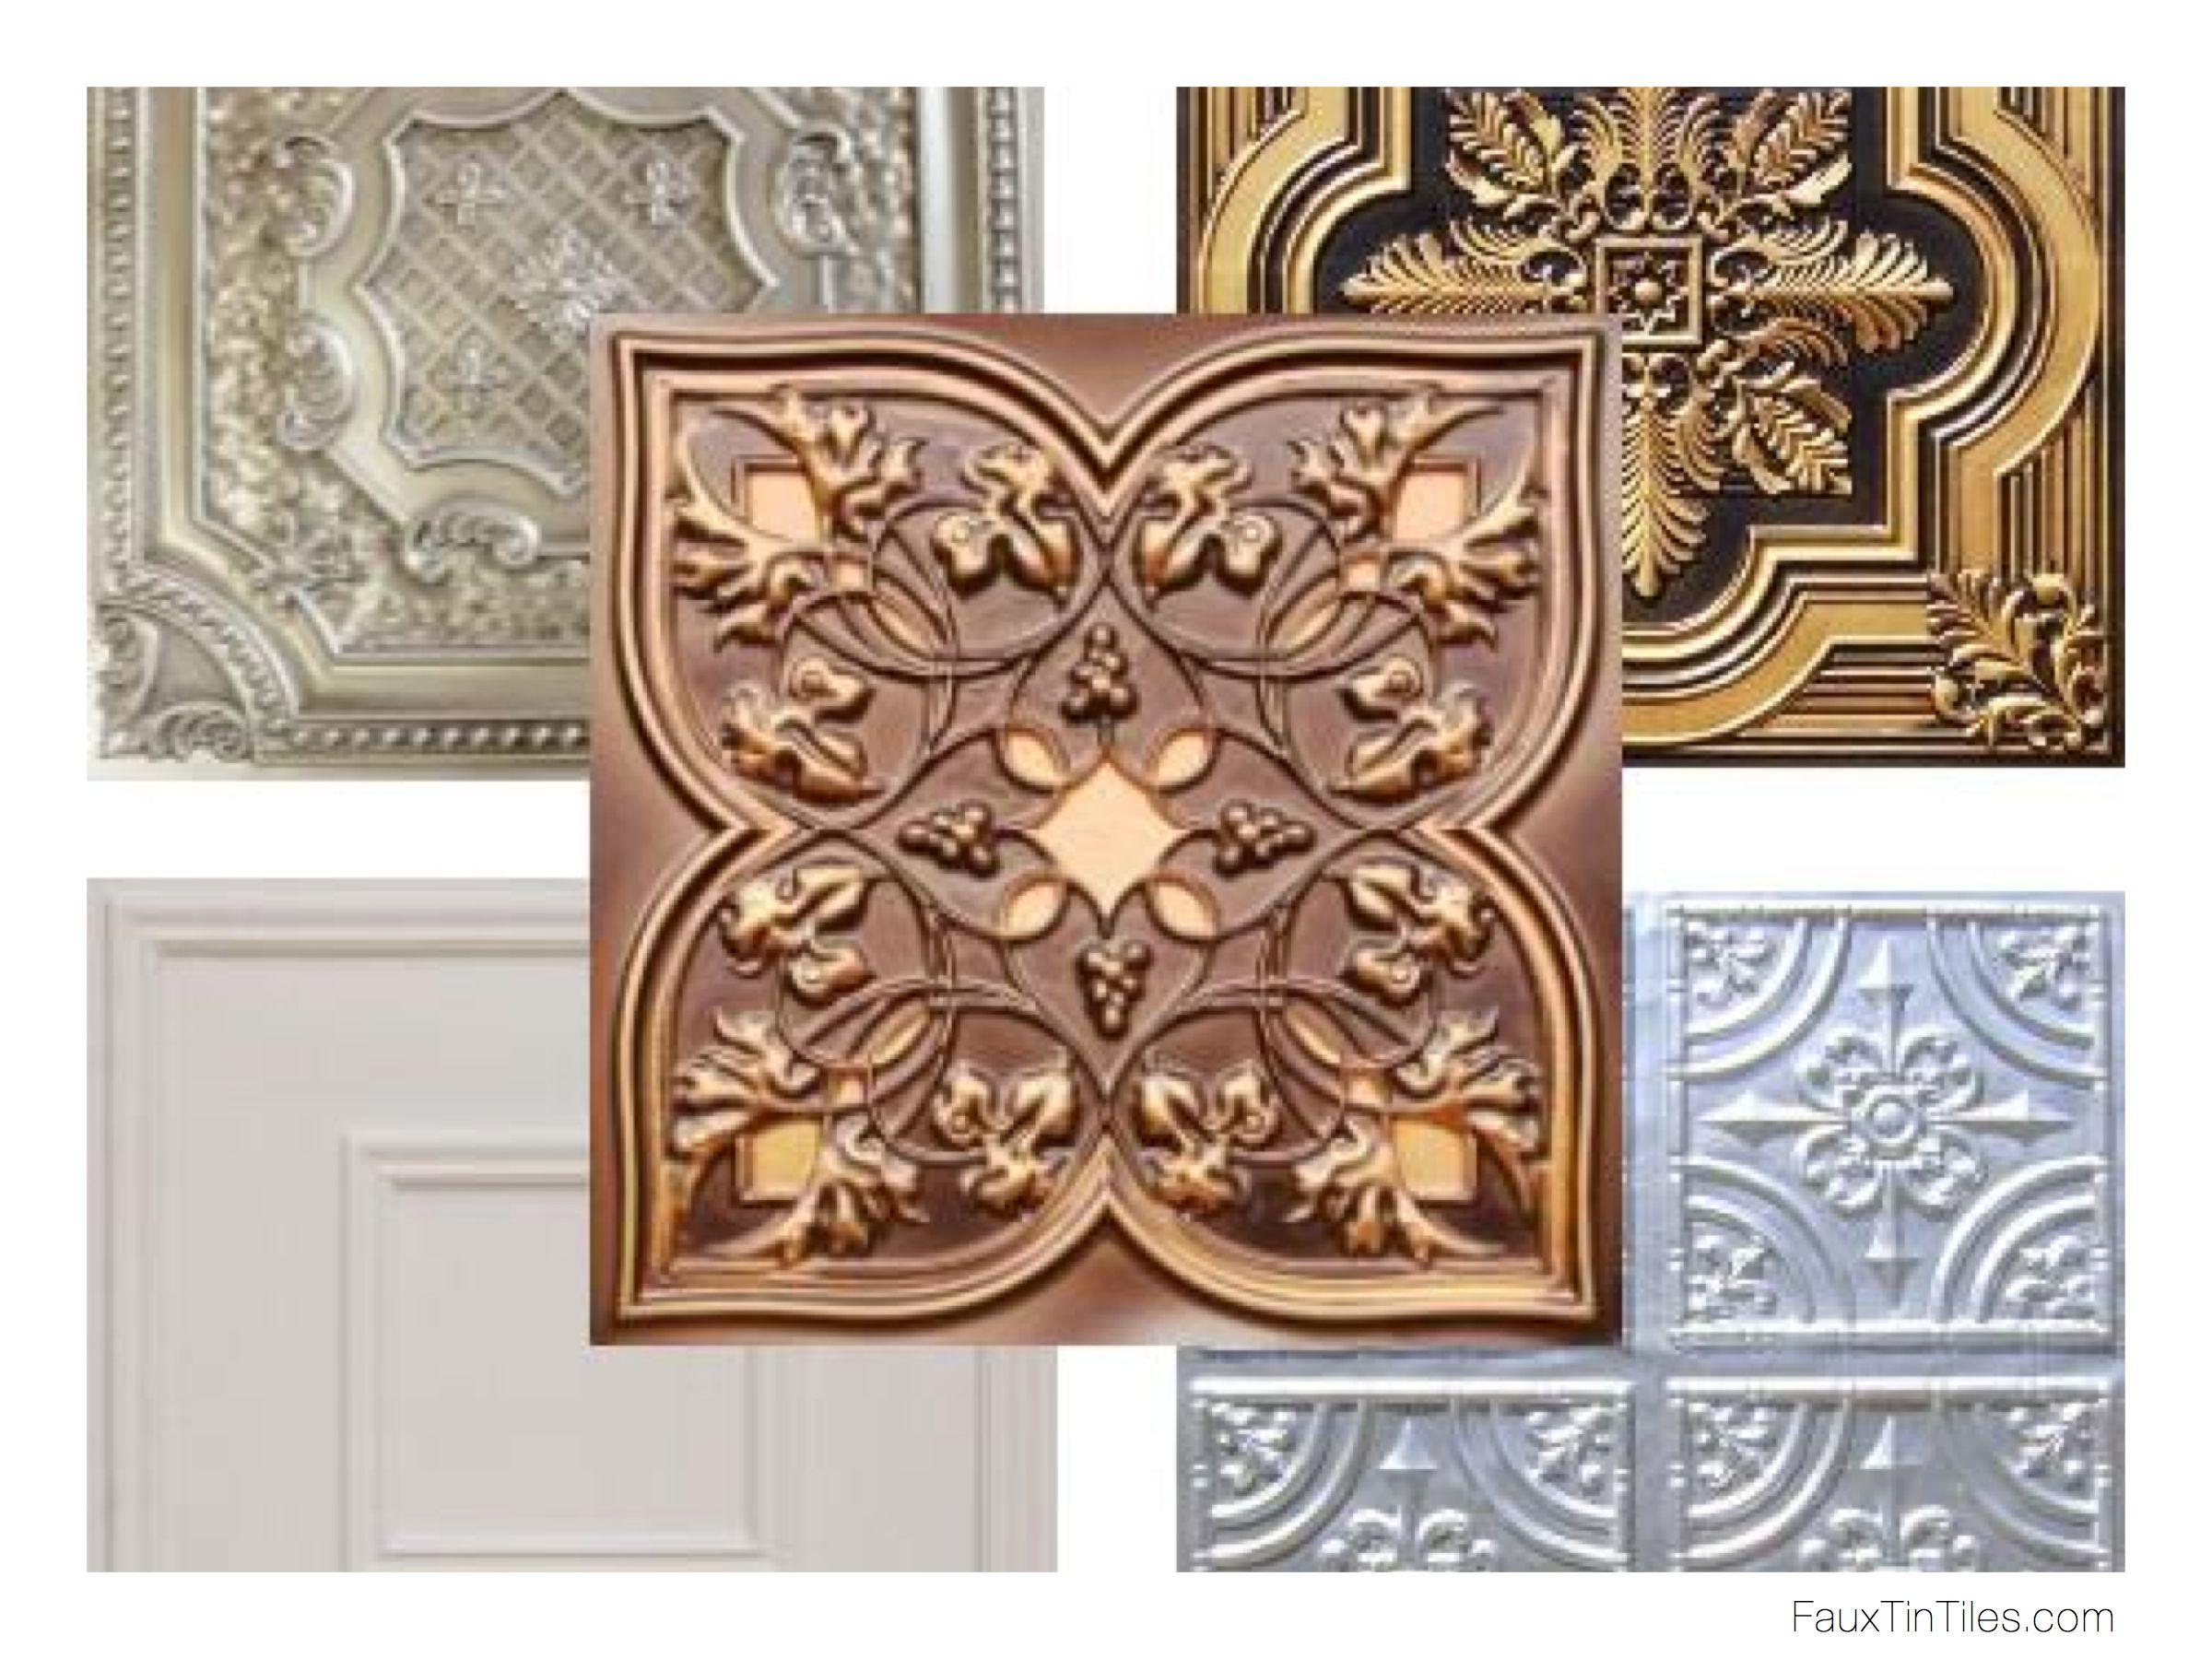 acoustical contemporary decorative acoustic top best ideas modern ceilings tiles style design tile simple com ceiling dwfjp